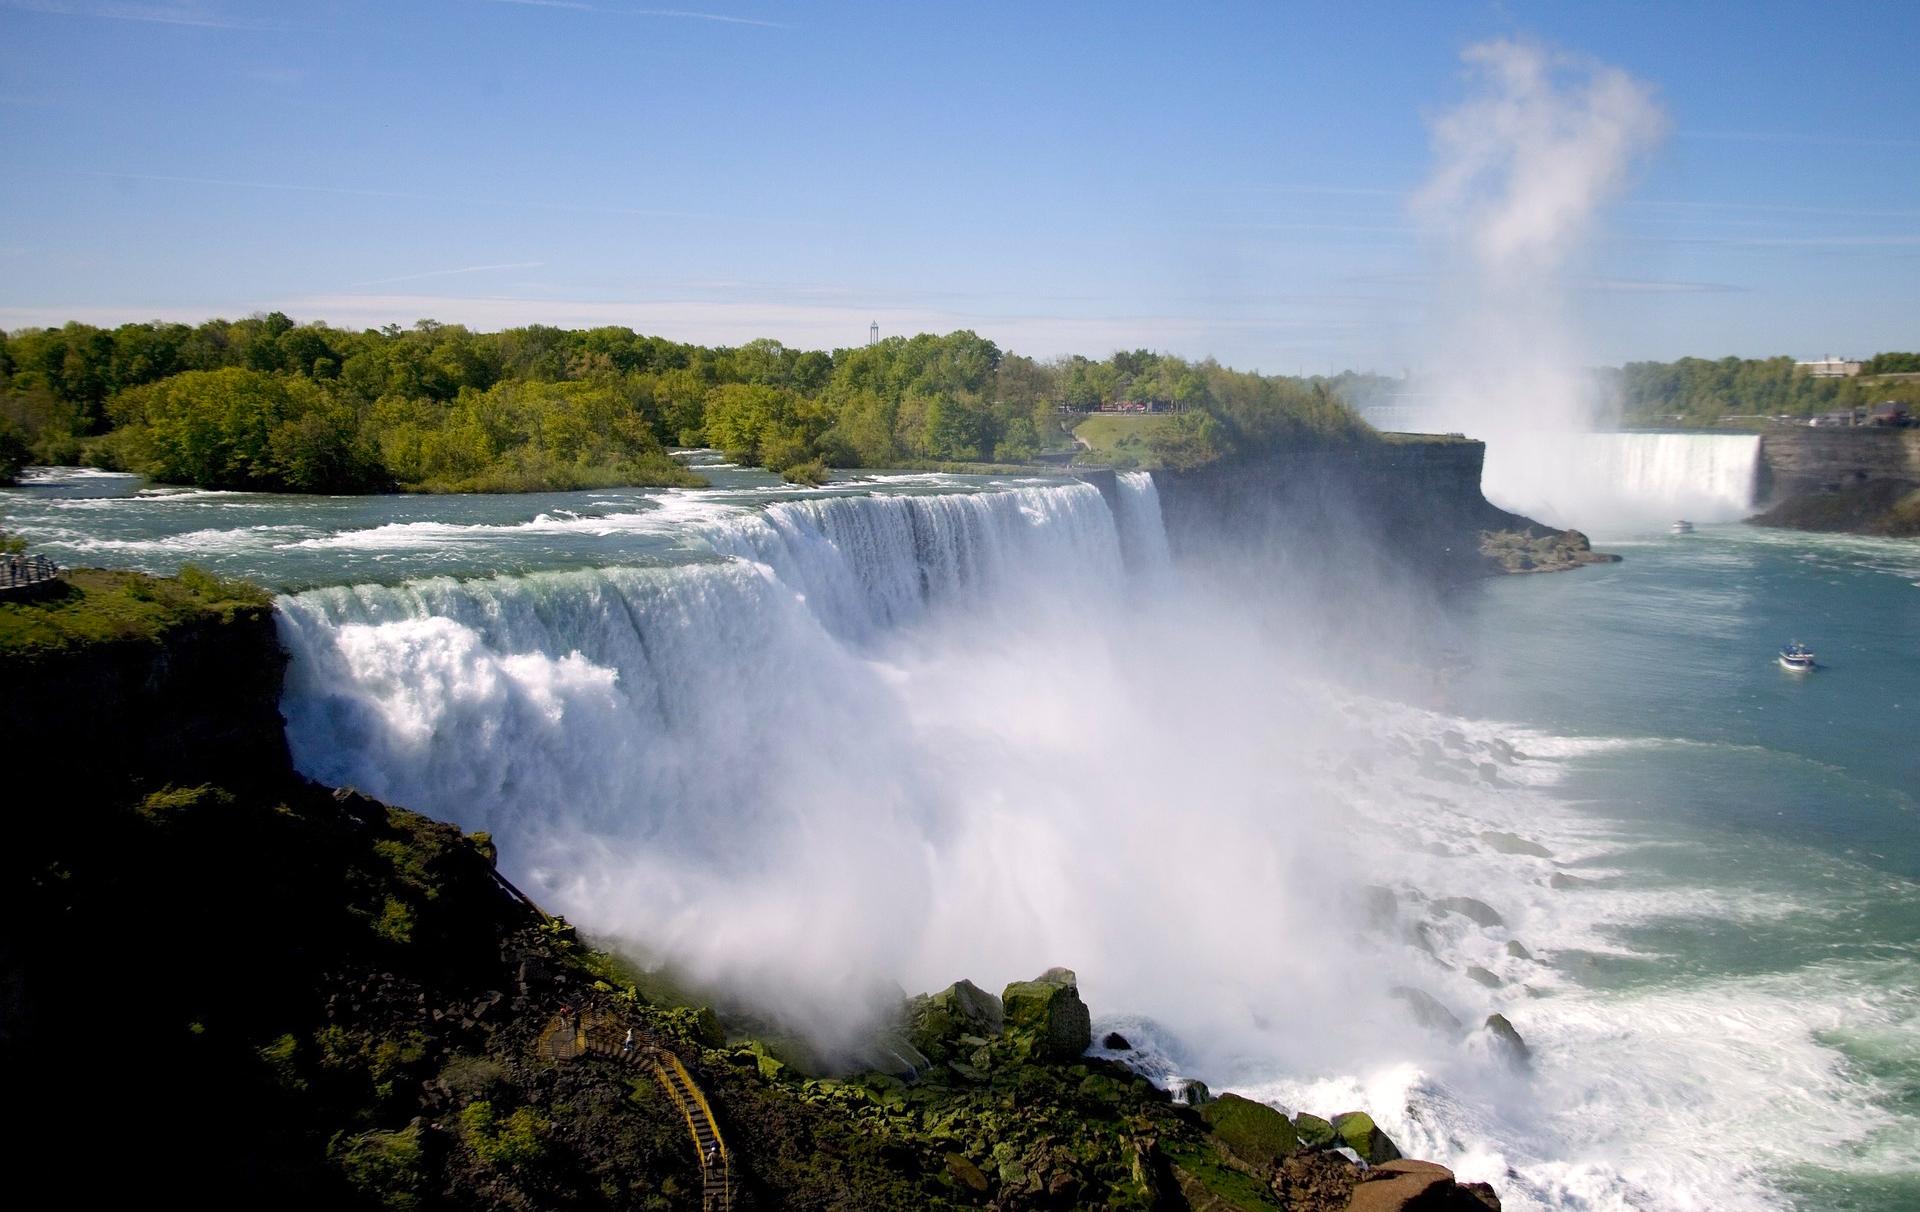 Guía de viajes a Canada, Visa a Canadá, Visado a Canadá canadá - 31977316070 28f5a5b4dd o - Guía de viajes y visa para Canadá